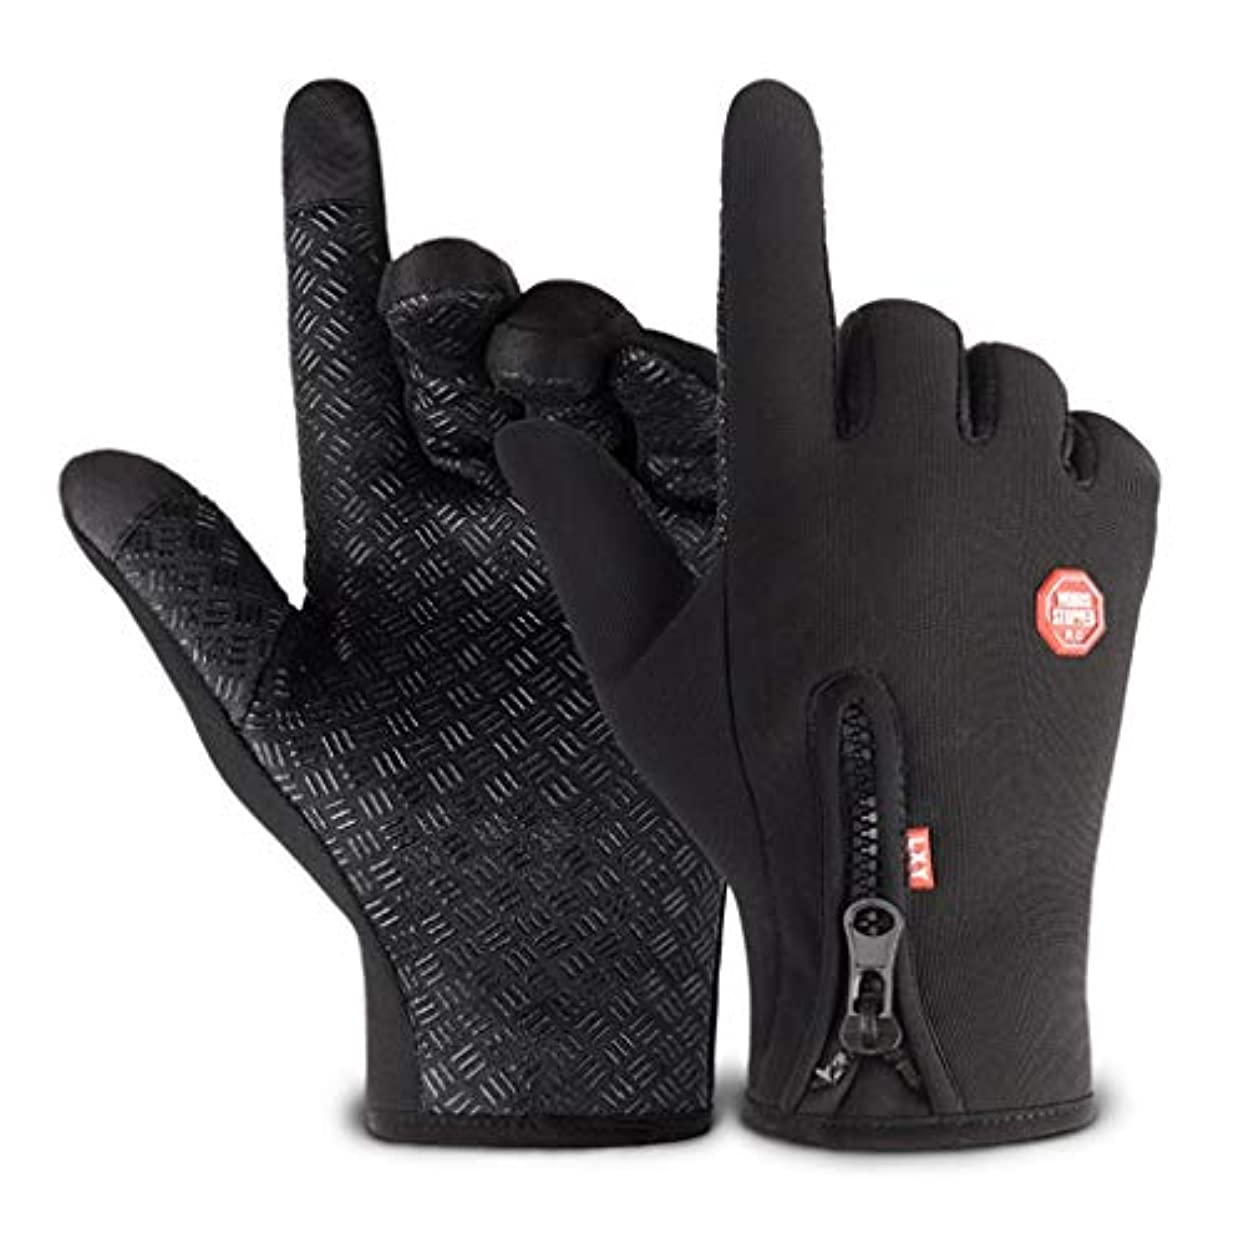 無一文コテージナイロン手袋男性の秋と冬の自転車電動バイクの女性のタッチスクリーン全天候防風ノンスリップ暖かいコールドプラスベルベット弾性手袋ワンサイズ黒